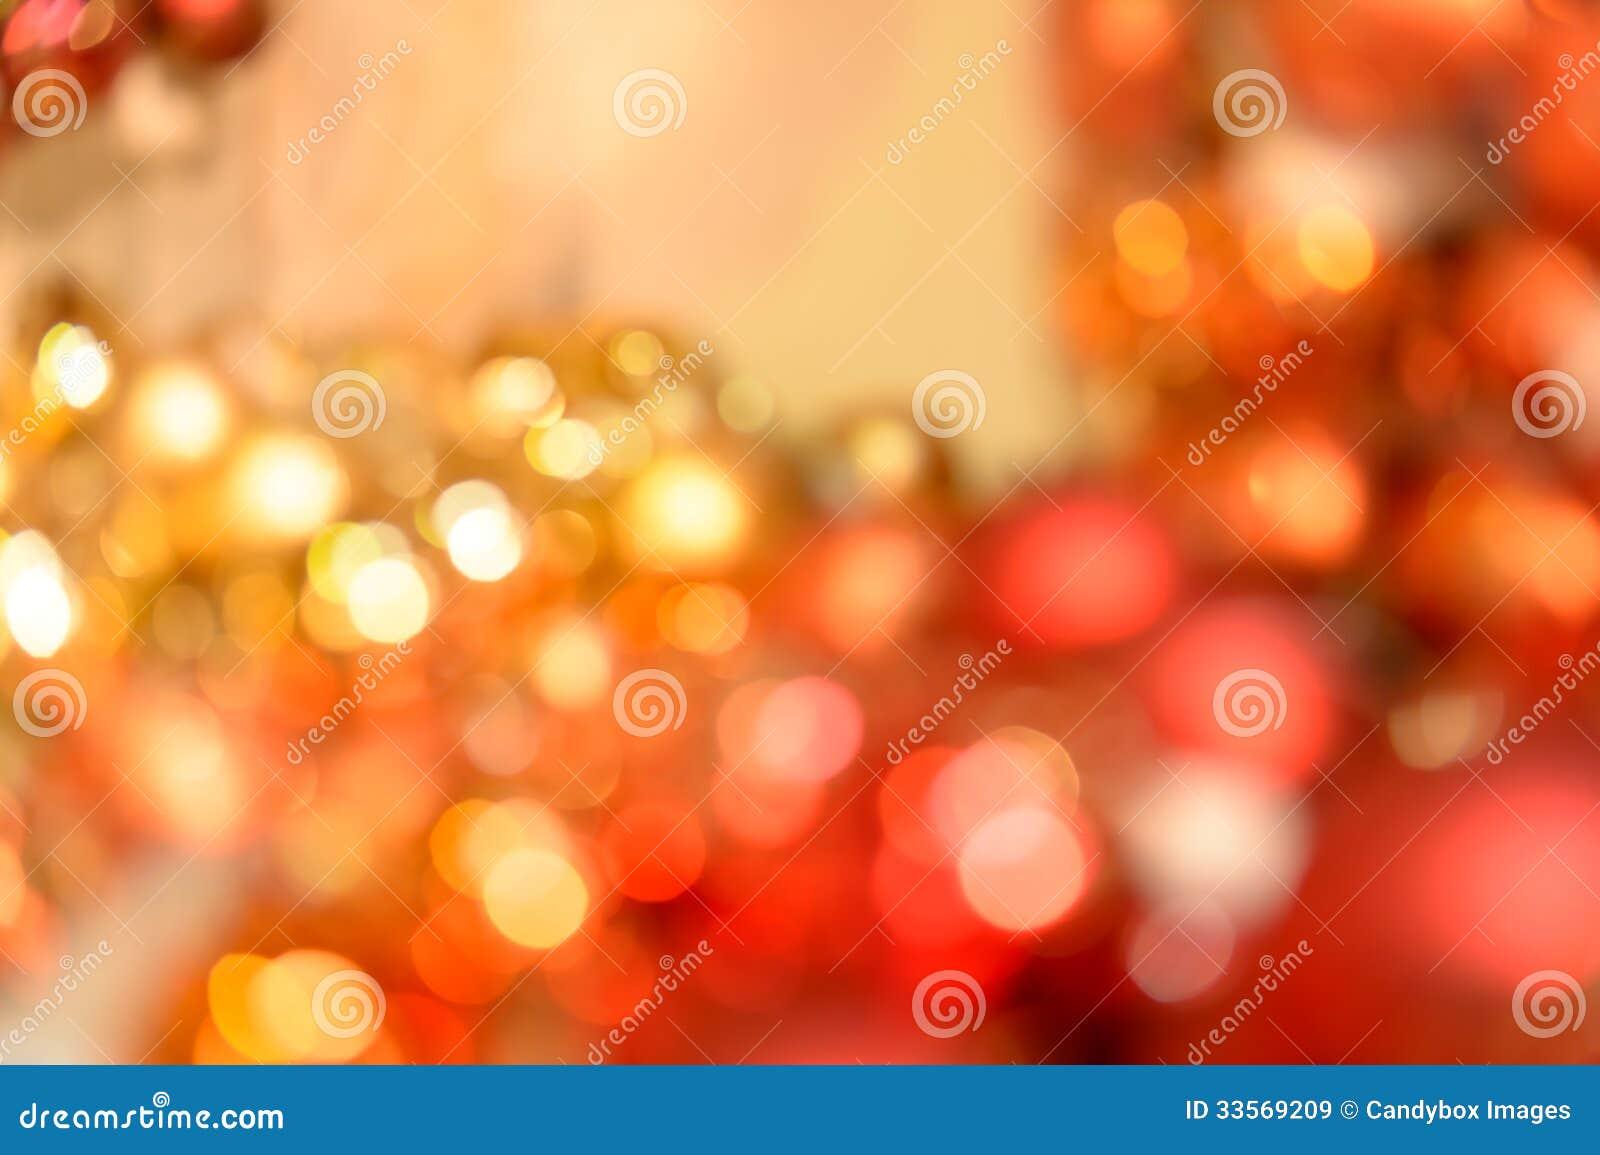 Satin Christmas Balls